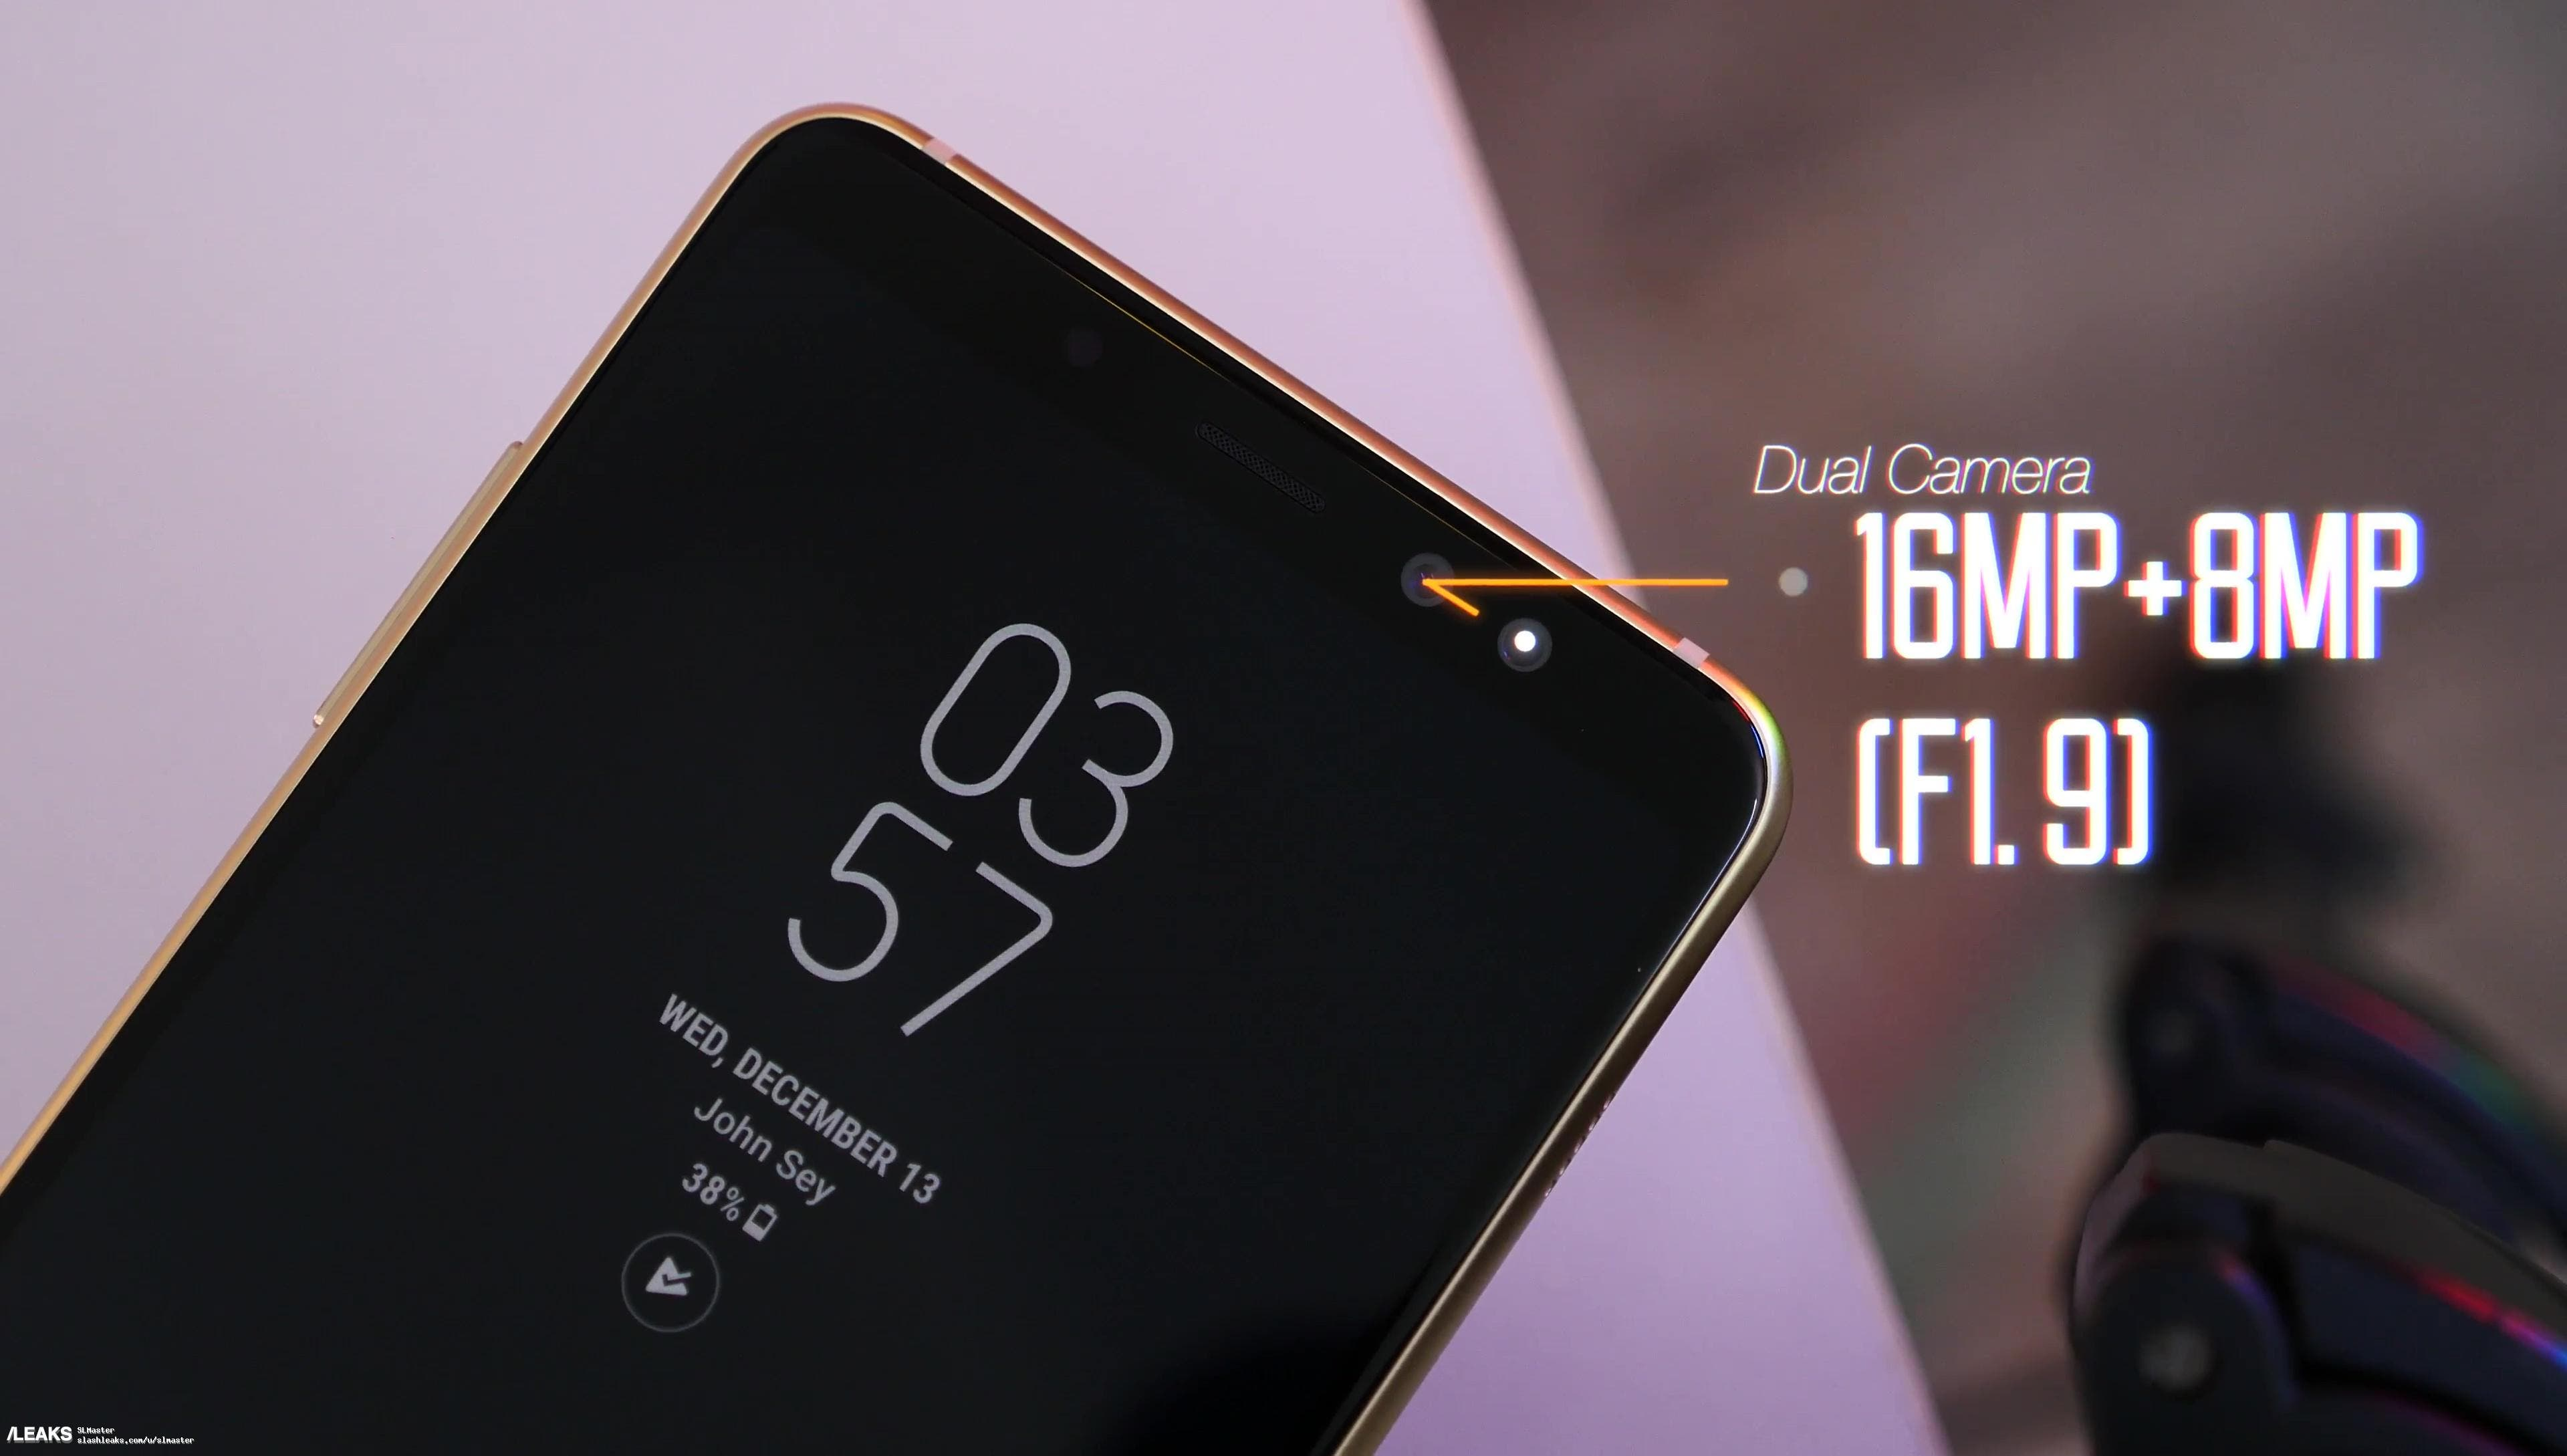 Galaxy A8 + (2018)